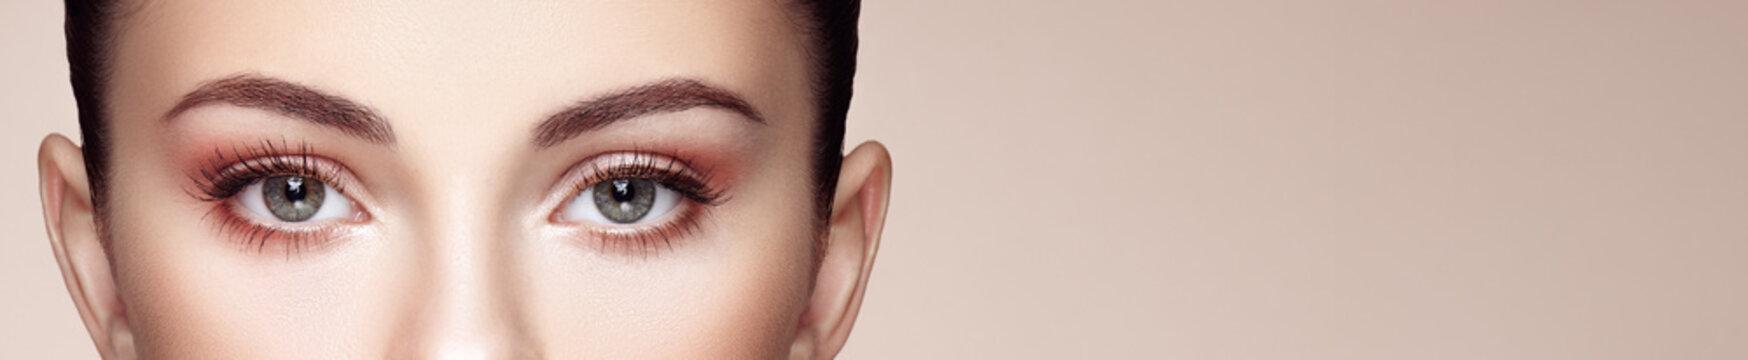 Female Eye with Extreme Long False Eyelashes. Eyelash Extensions. Makeup, Cosmetics, Beauty. Close up, Macro